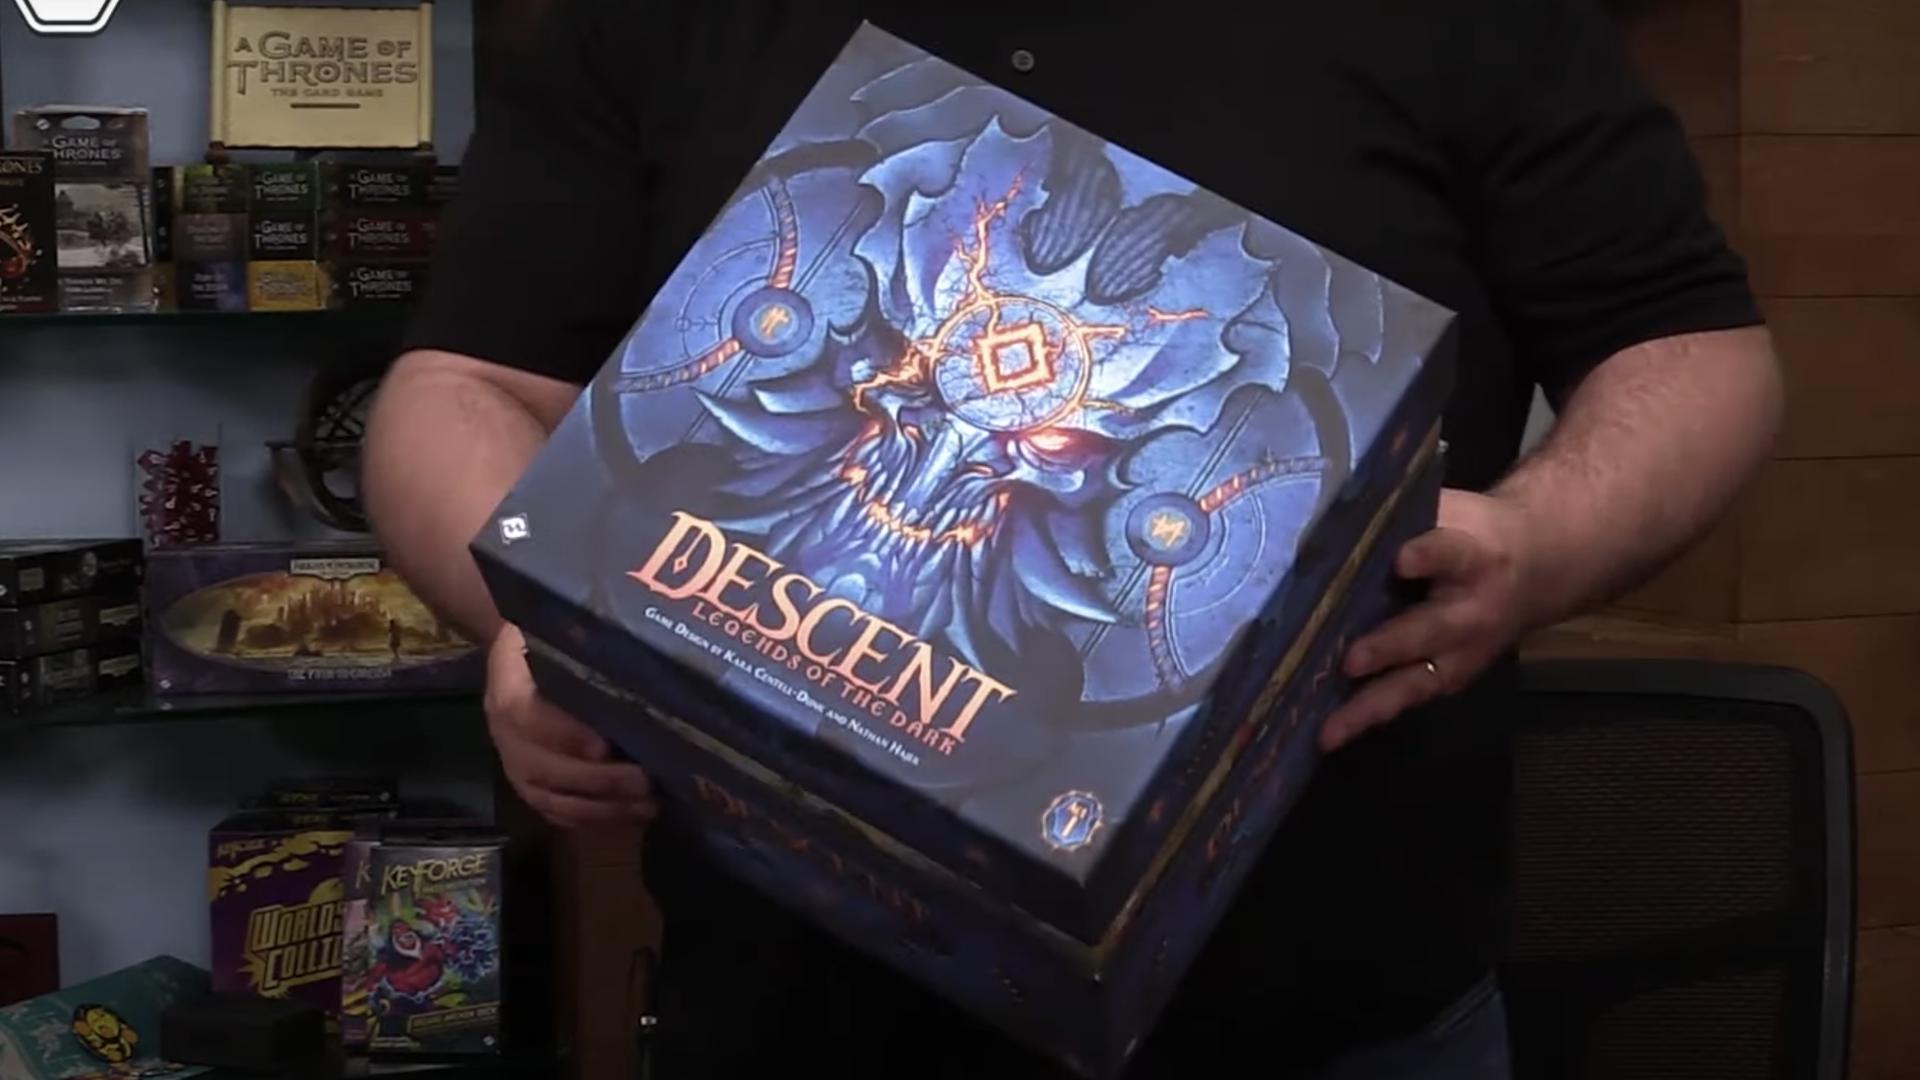 descent-legends-of-the-dark-screengrab.png